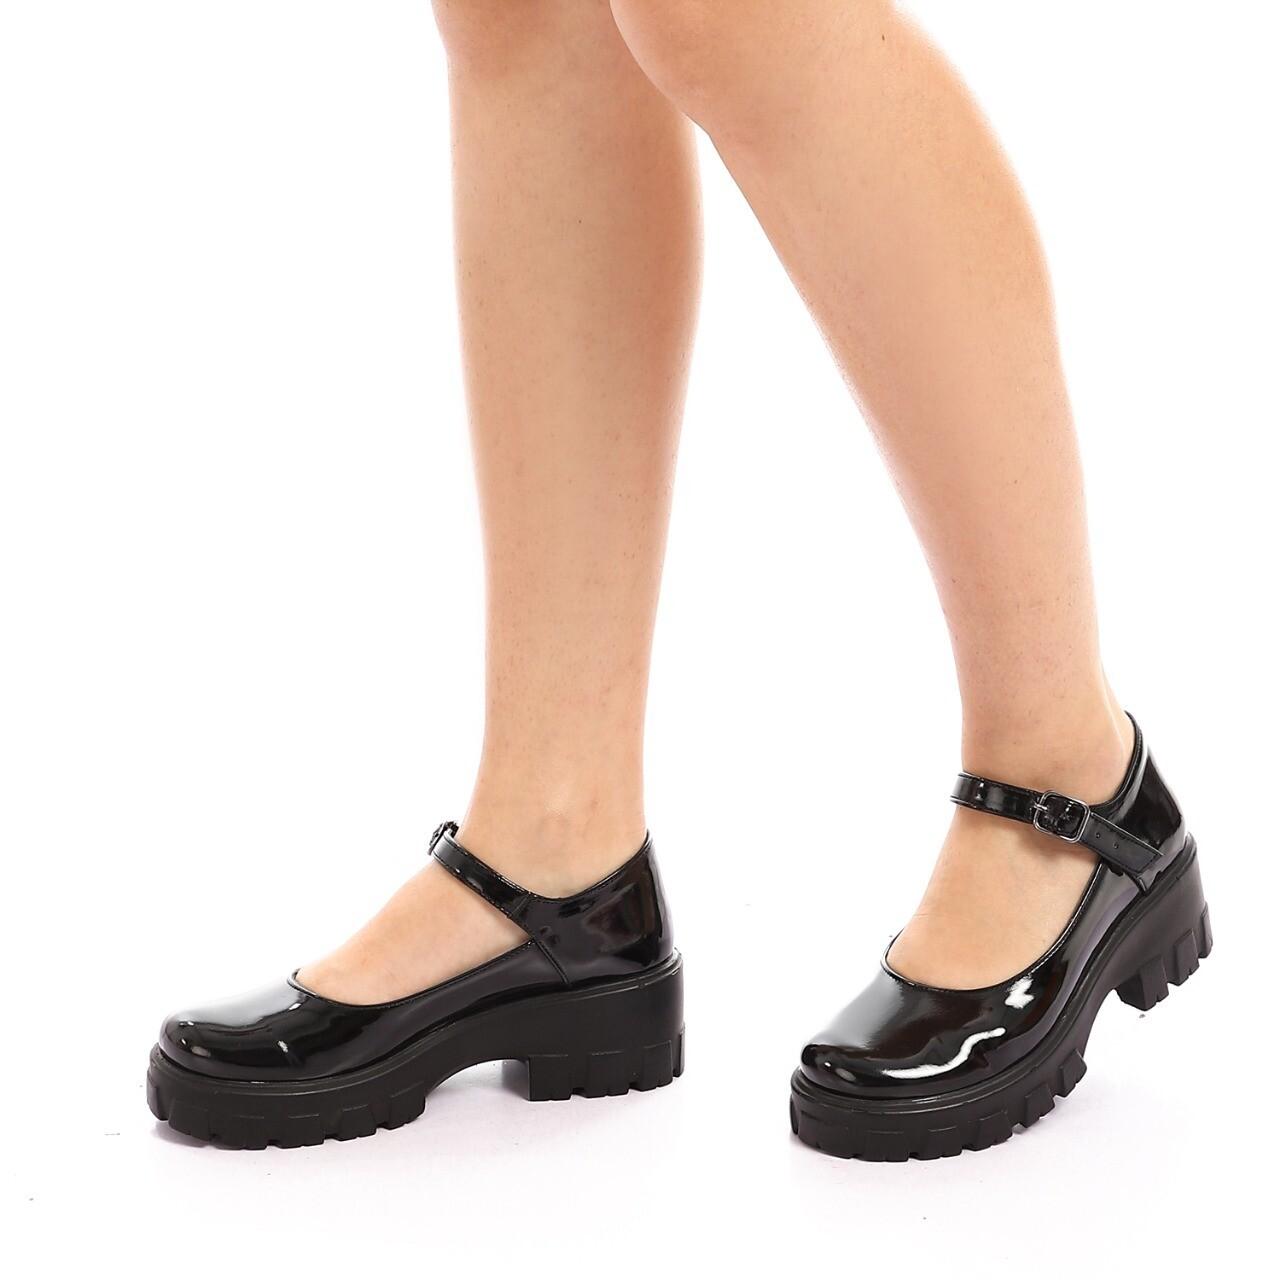 3815 Shoes - Black